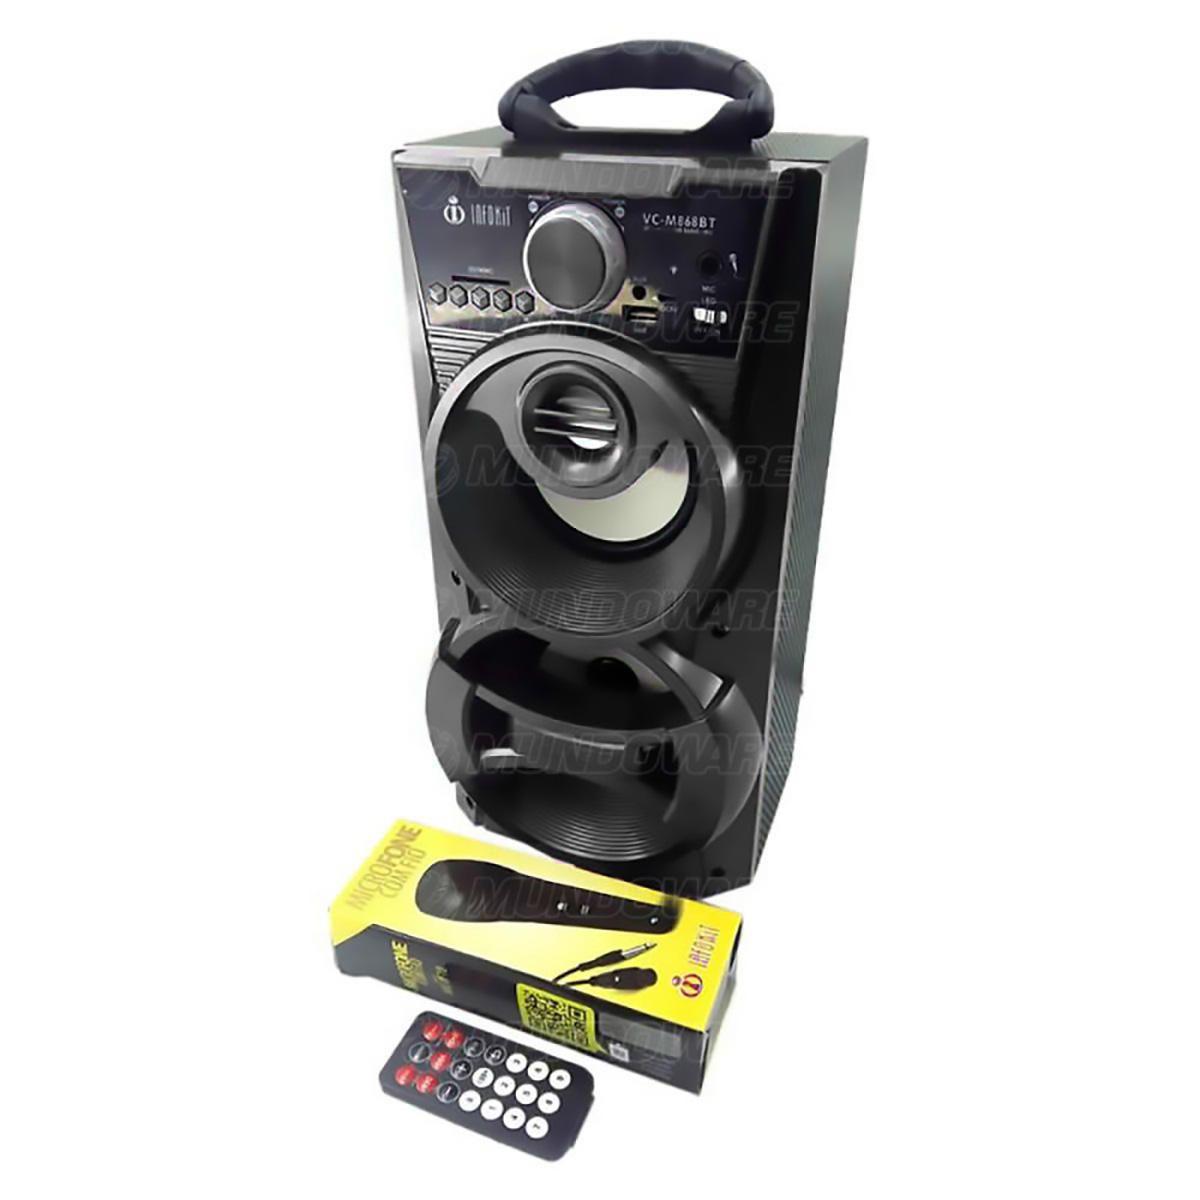 Caixa de Som Bluetooth Portátil 12W Torre com USB SD FM Aux Microfone Karaoke e LED DJ Infokit VC-M868BT Preta